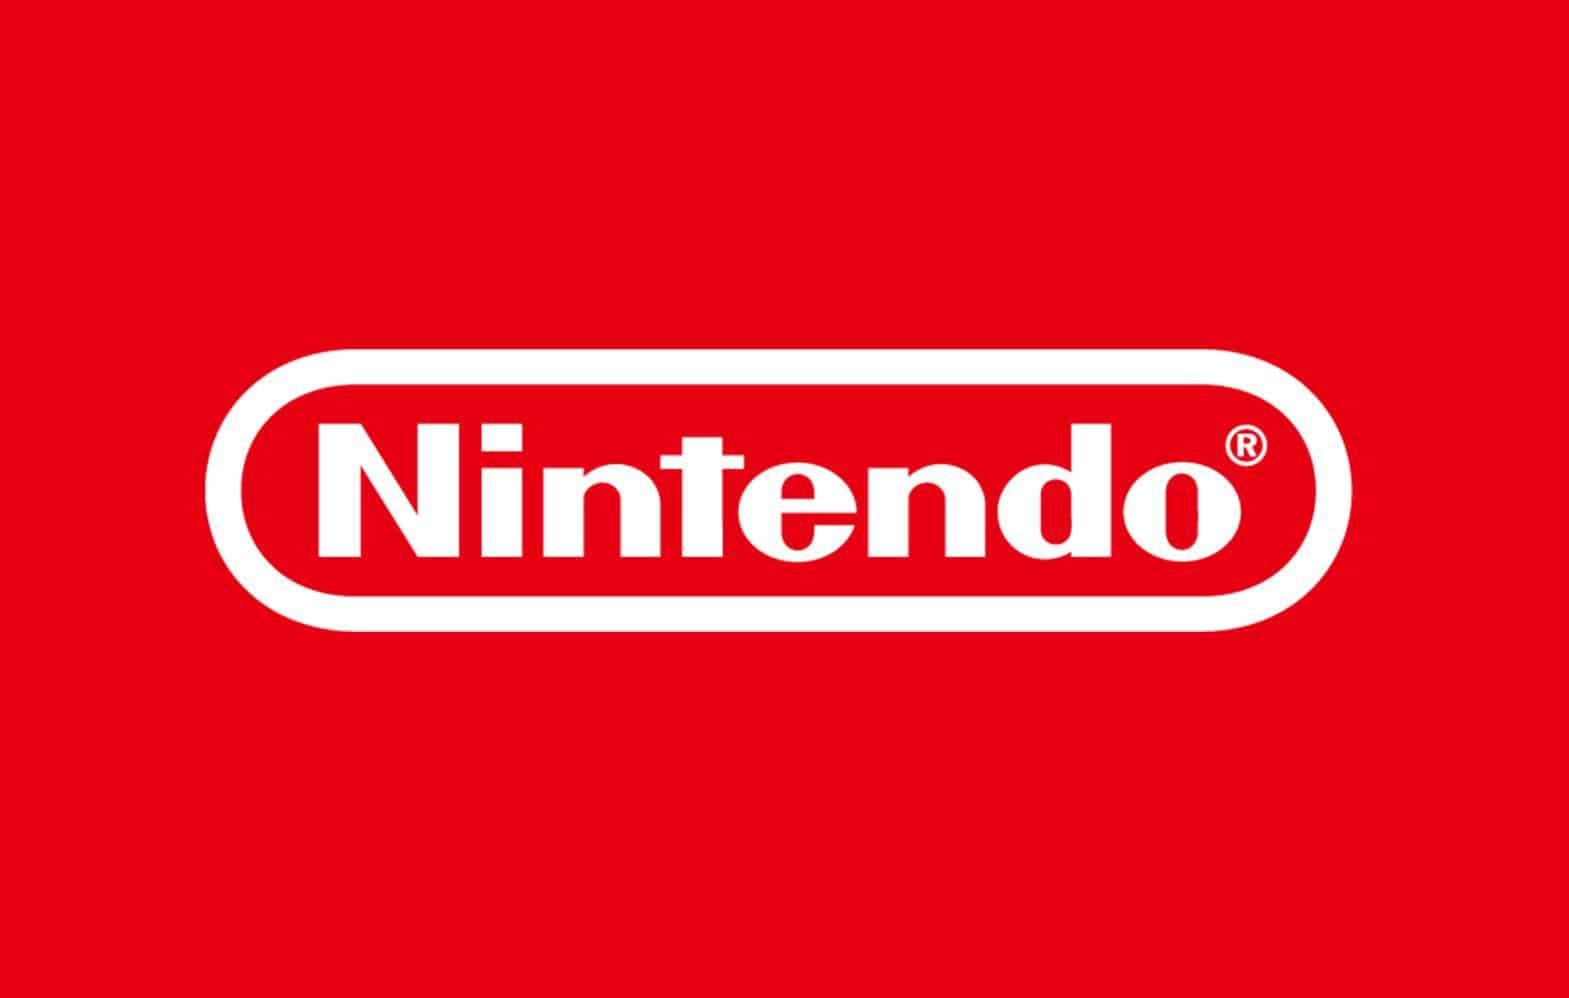 Empresa dos EUA investe quase R$ 6 bilhões na Nintendo